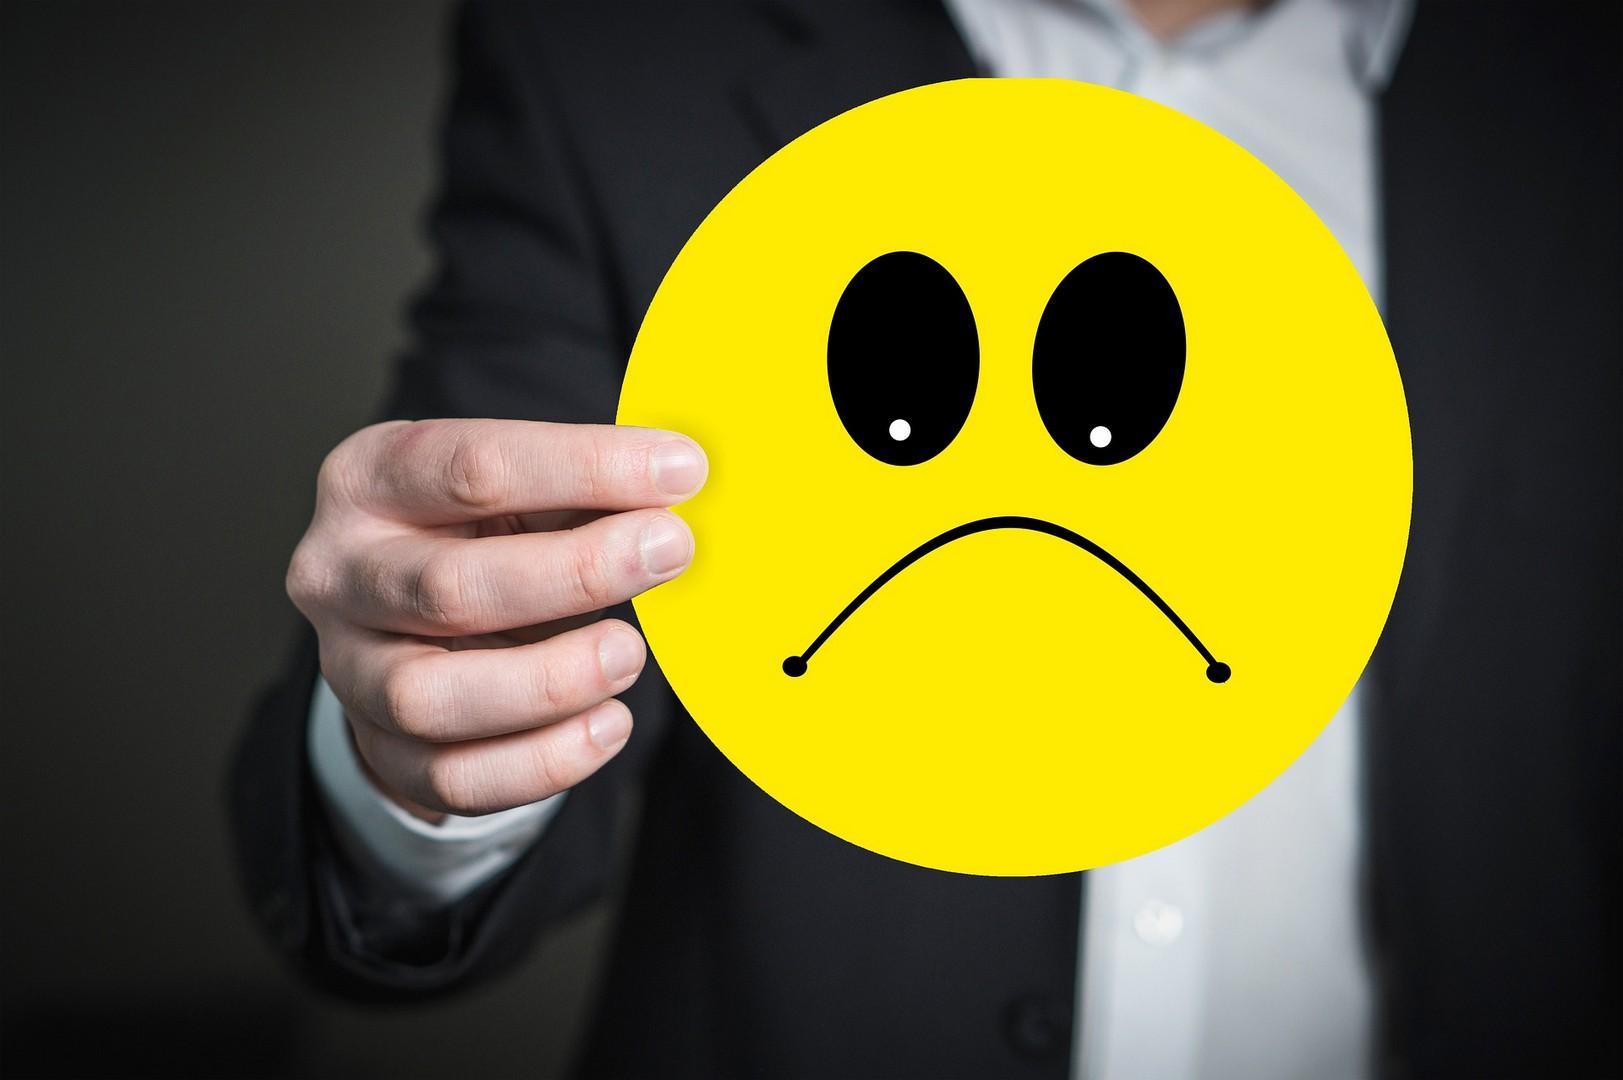 Как проучить мужа за неуважение и обиду: 5 советов психолога